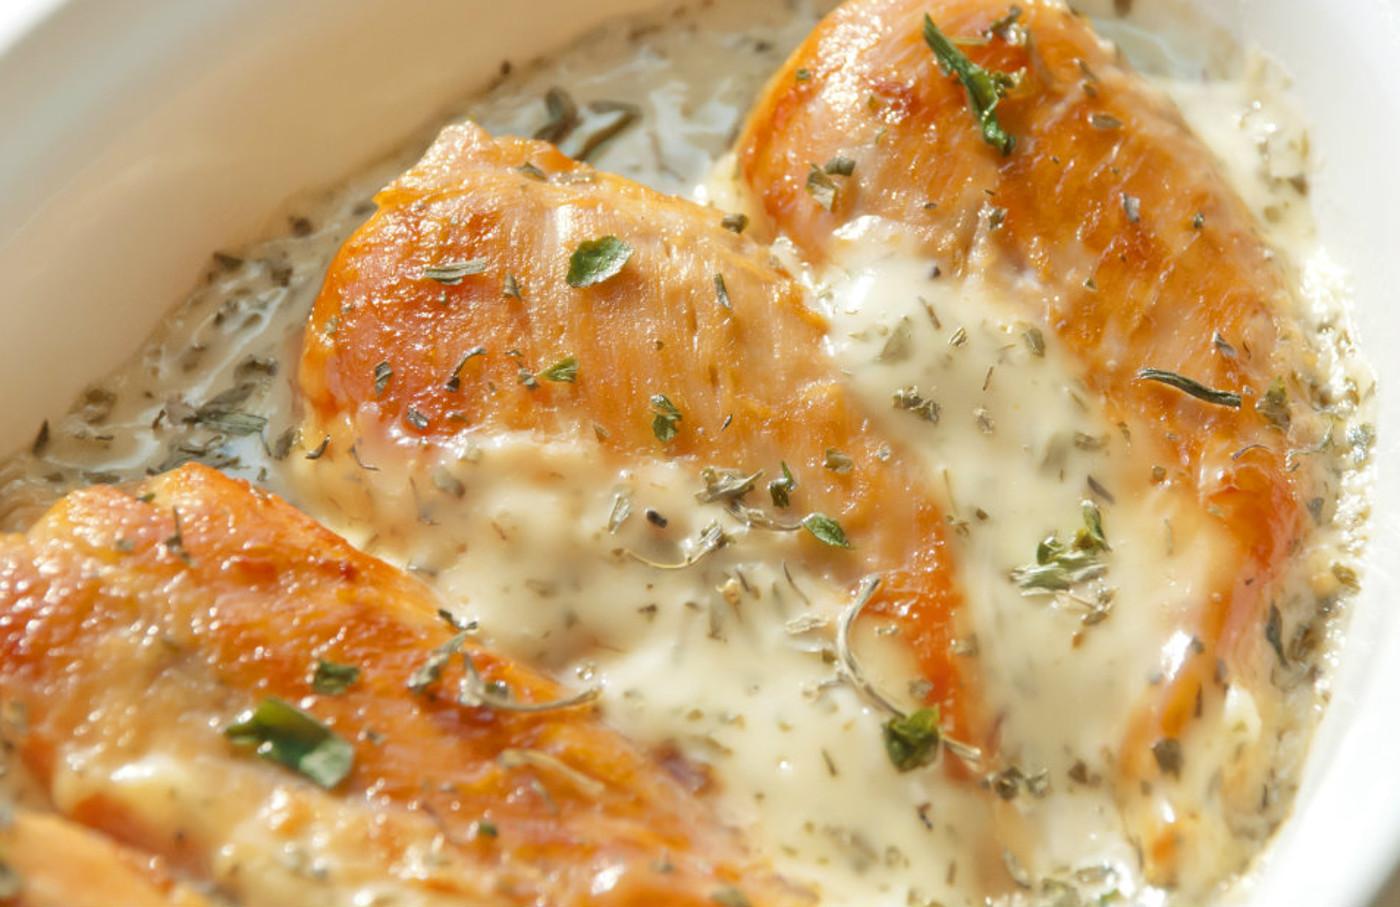 Cette recette de poulet avec une sauce crémeuse aux herbes est extraordinaire!